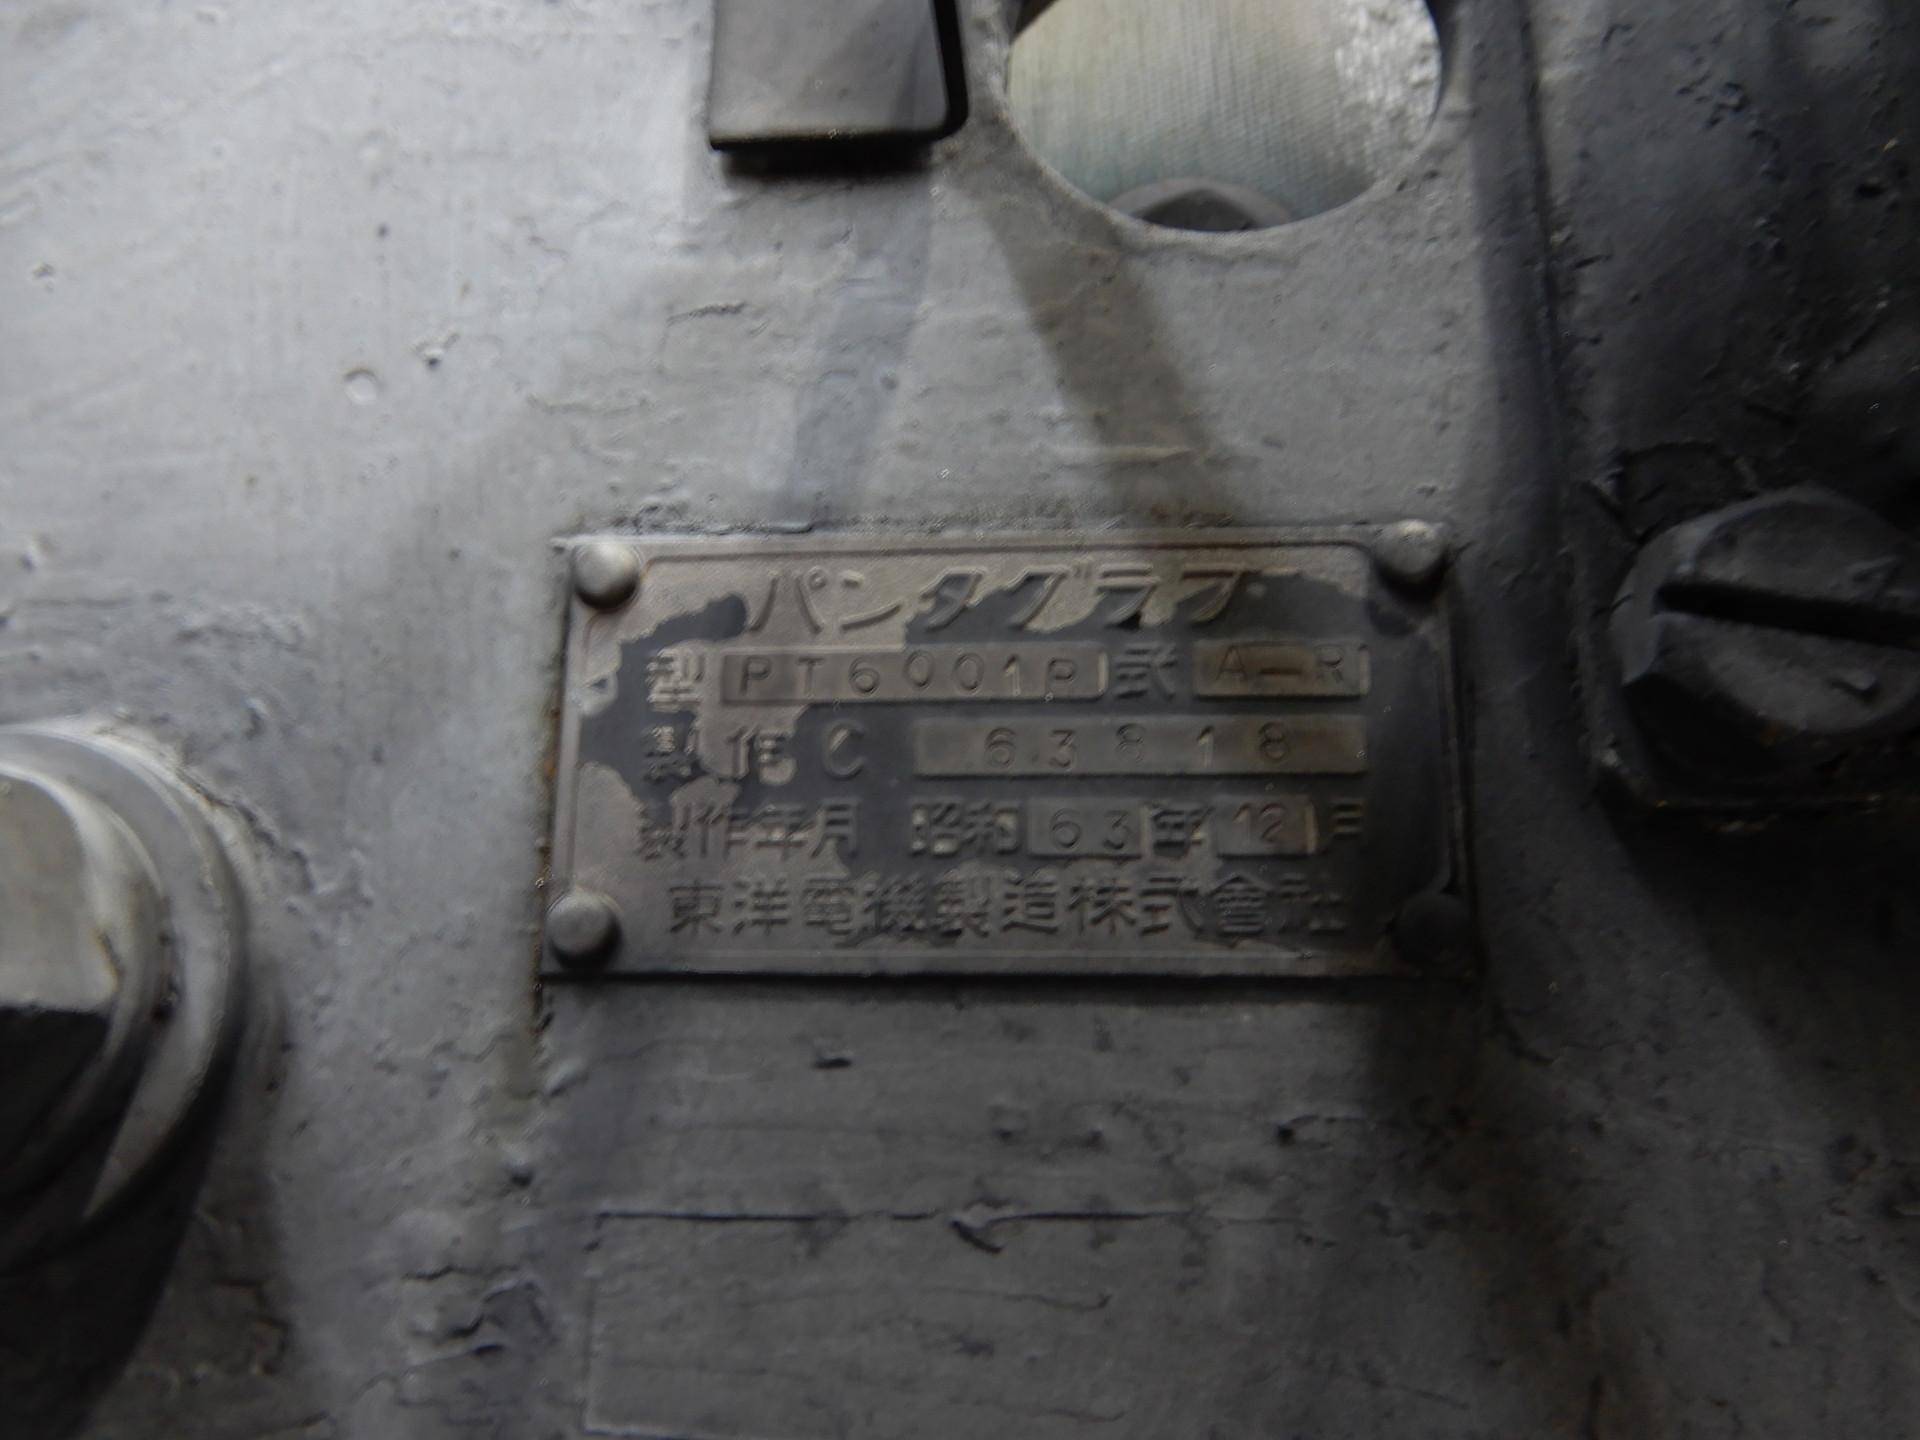 パンタグラフの銘板